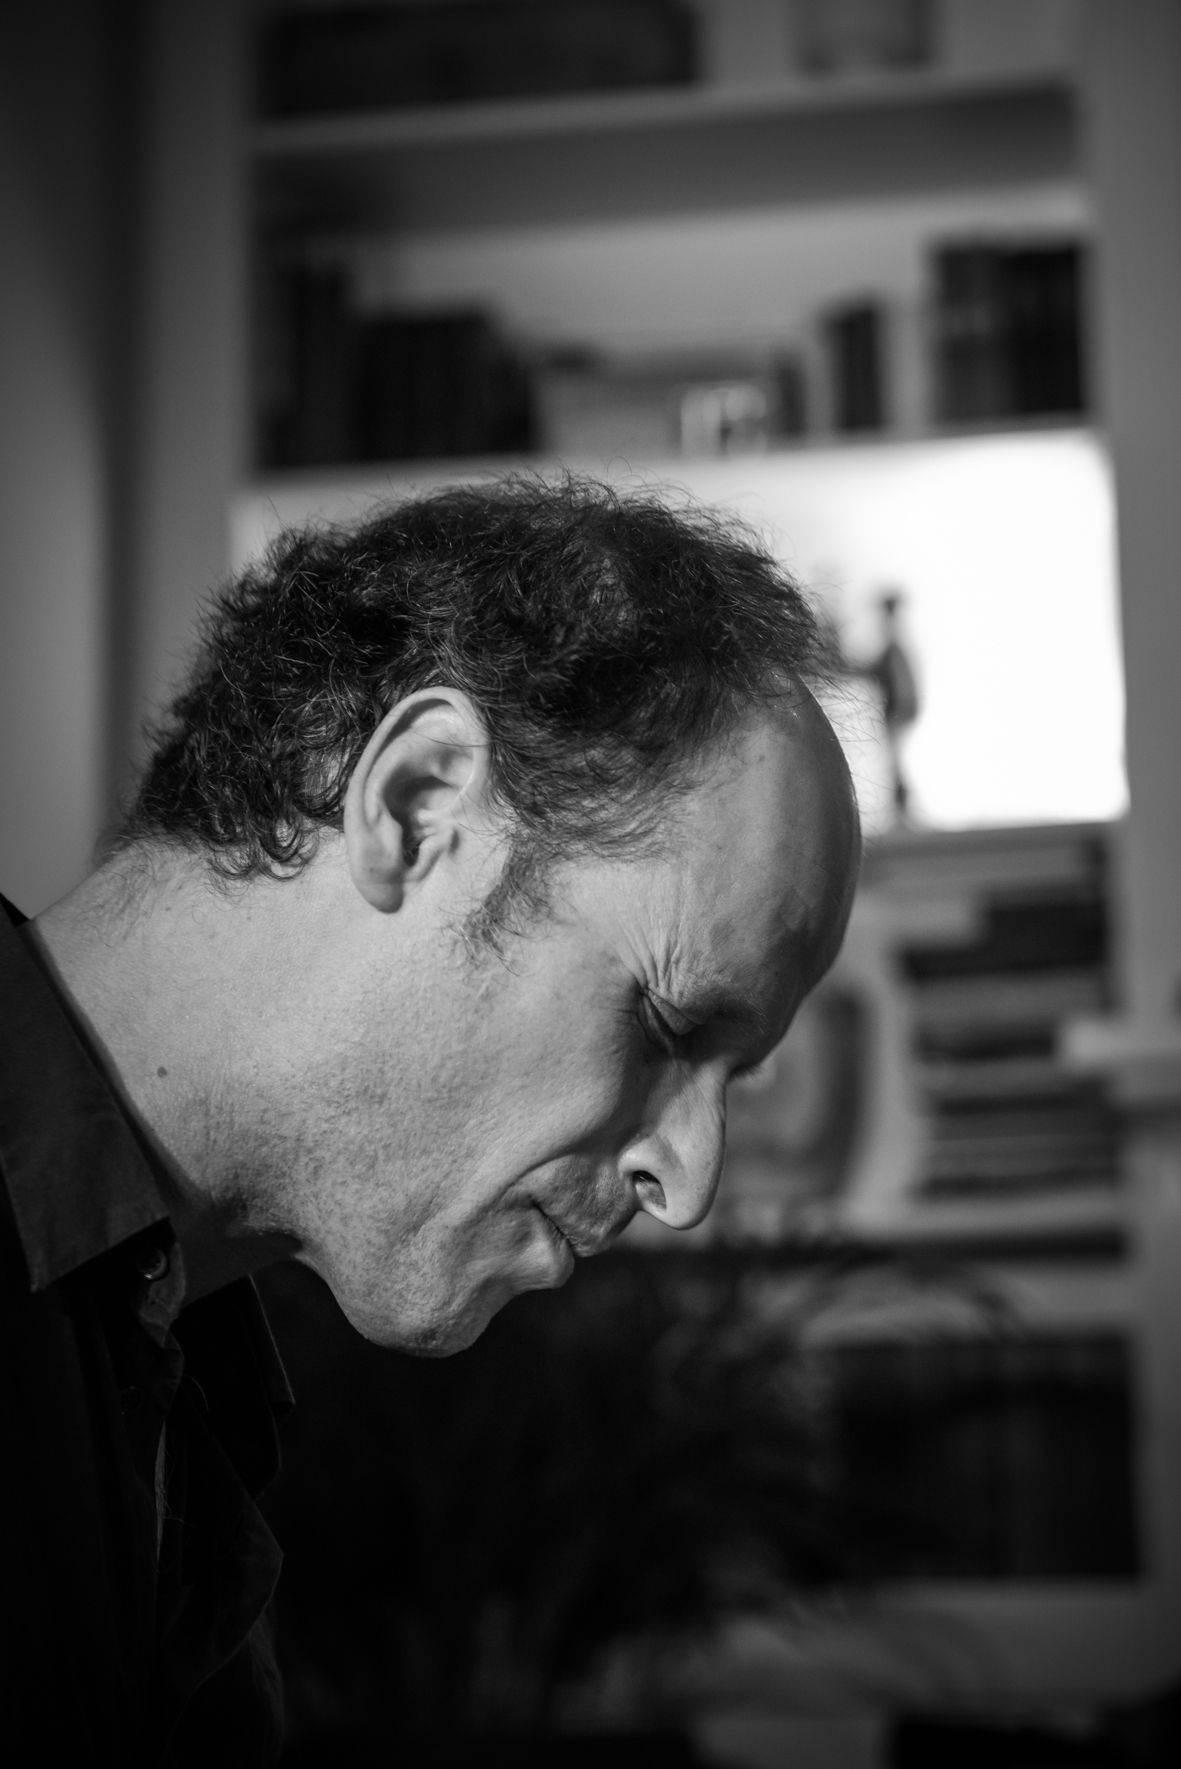 Crónica de Pablo Seoane Trio. Bla Bla Café, Ferrol. 3 de junio de 2015. Fotografías: Gimena Berenguer